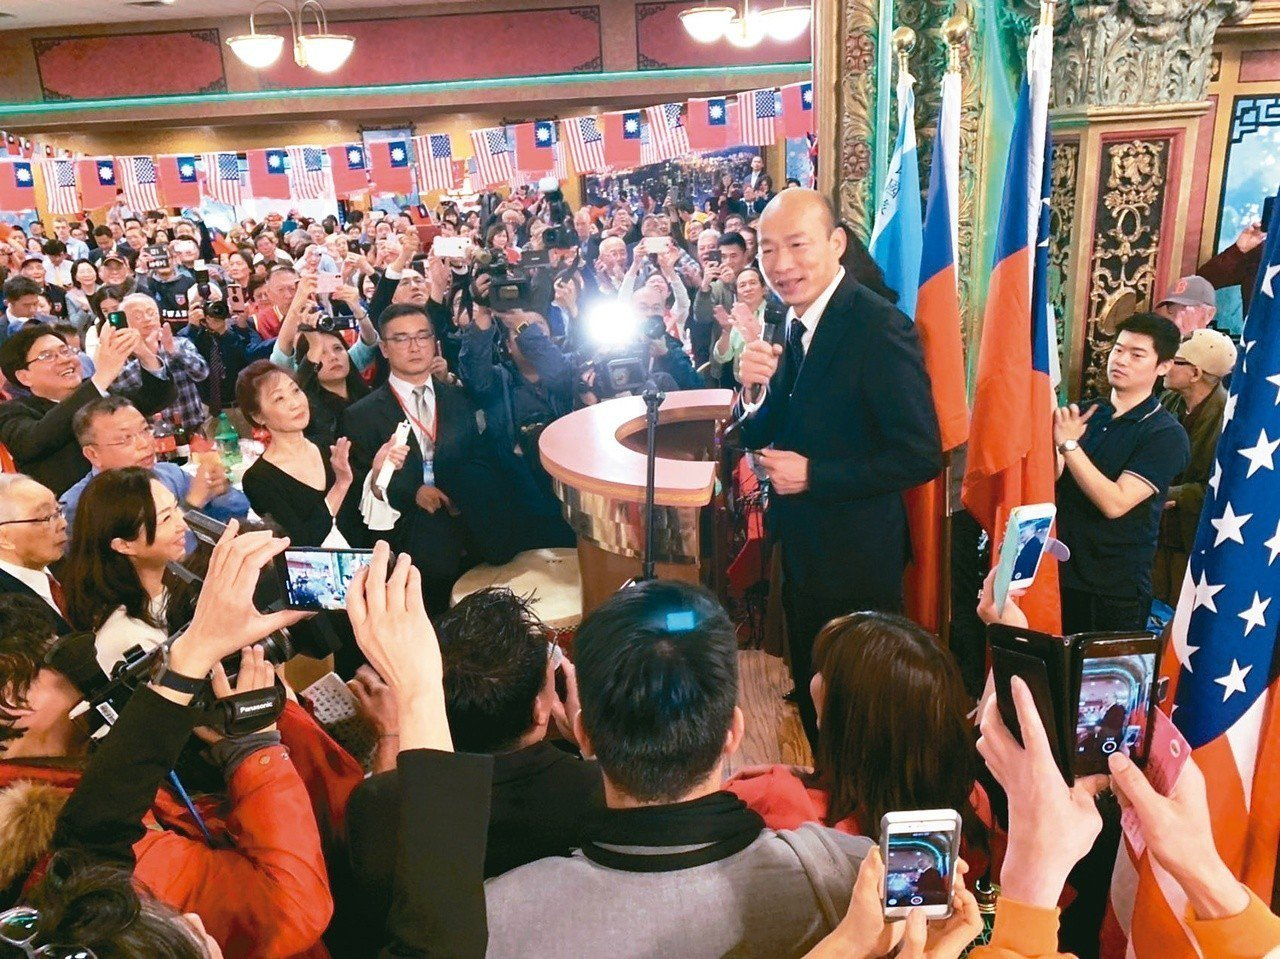 高雄市長韓國瑜出訪美國表現,讓黨內拱韓參選總統聲勢再升高。國民黨立委賴士葆透露,...